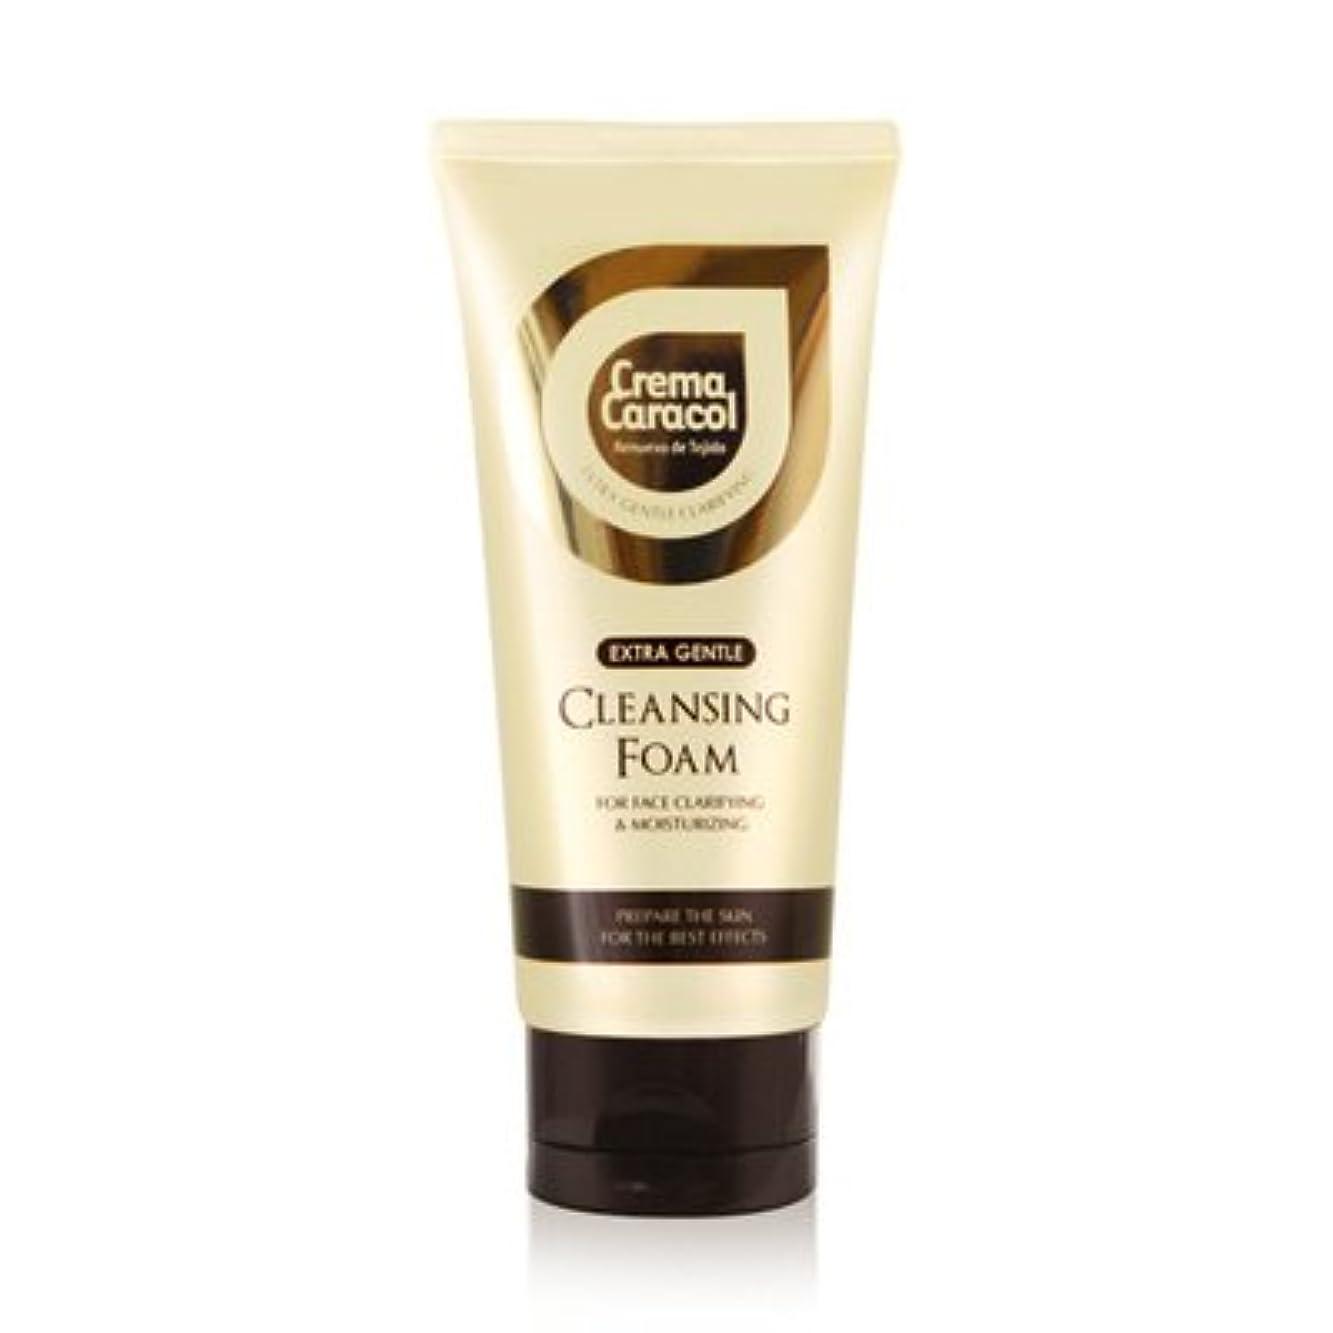 強化世界記録のギネスブック強制的ジャミンギョン [Jaminkyung] Crema Caracol Extra Gentle Cleansing Foam175ml エクストラジェントル カタツムリクレンジングフォーム175ml